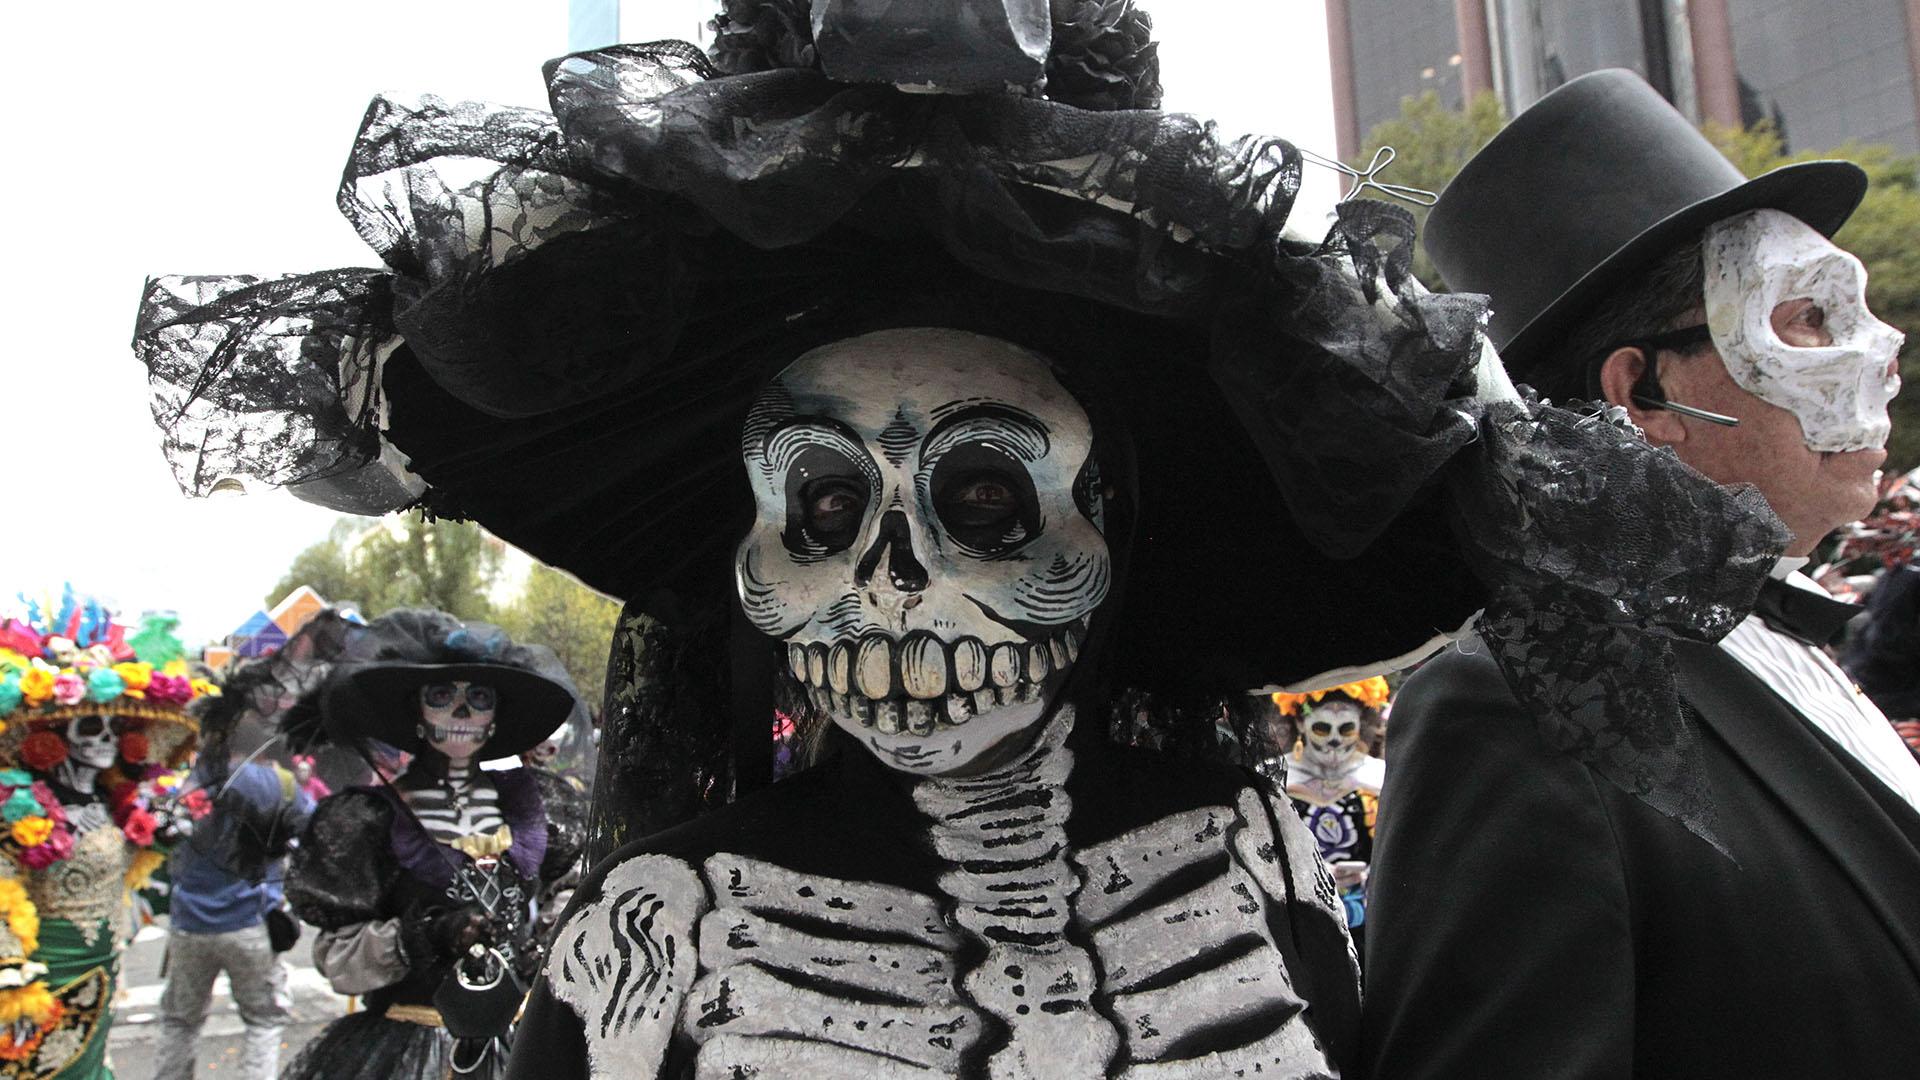 CIUDAD DE MÉXICO (AP) — Enormes esqueletos y bailarines vestidos con trajes regionales recorrieron una de las principales avenidas de la Ciudad de México en el tercer desfile anual